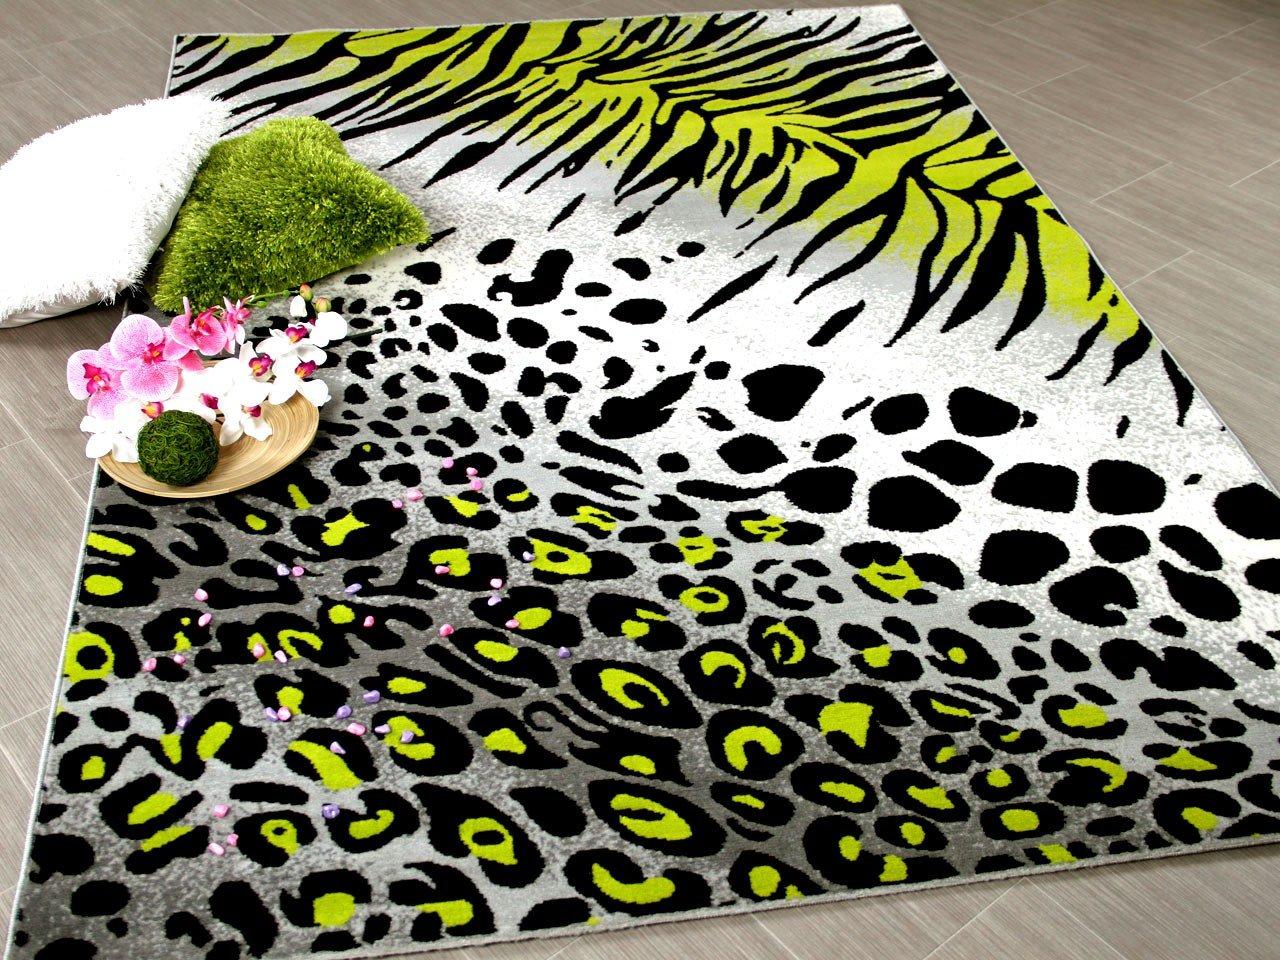 Carat Designer Teppich Grun Leopard Zebra Grau Grun Teppich In 3